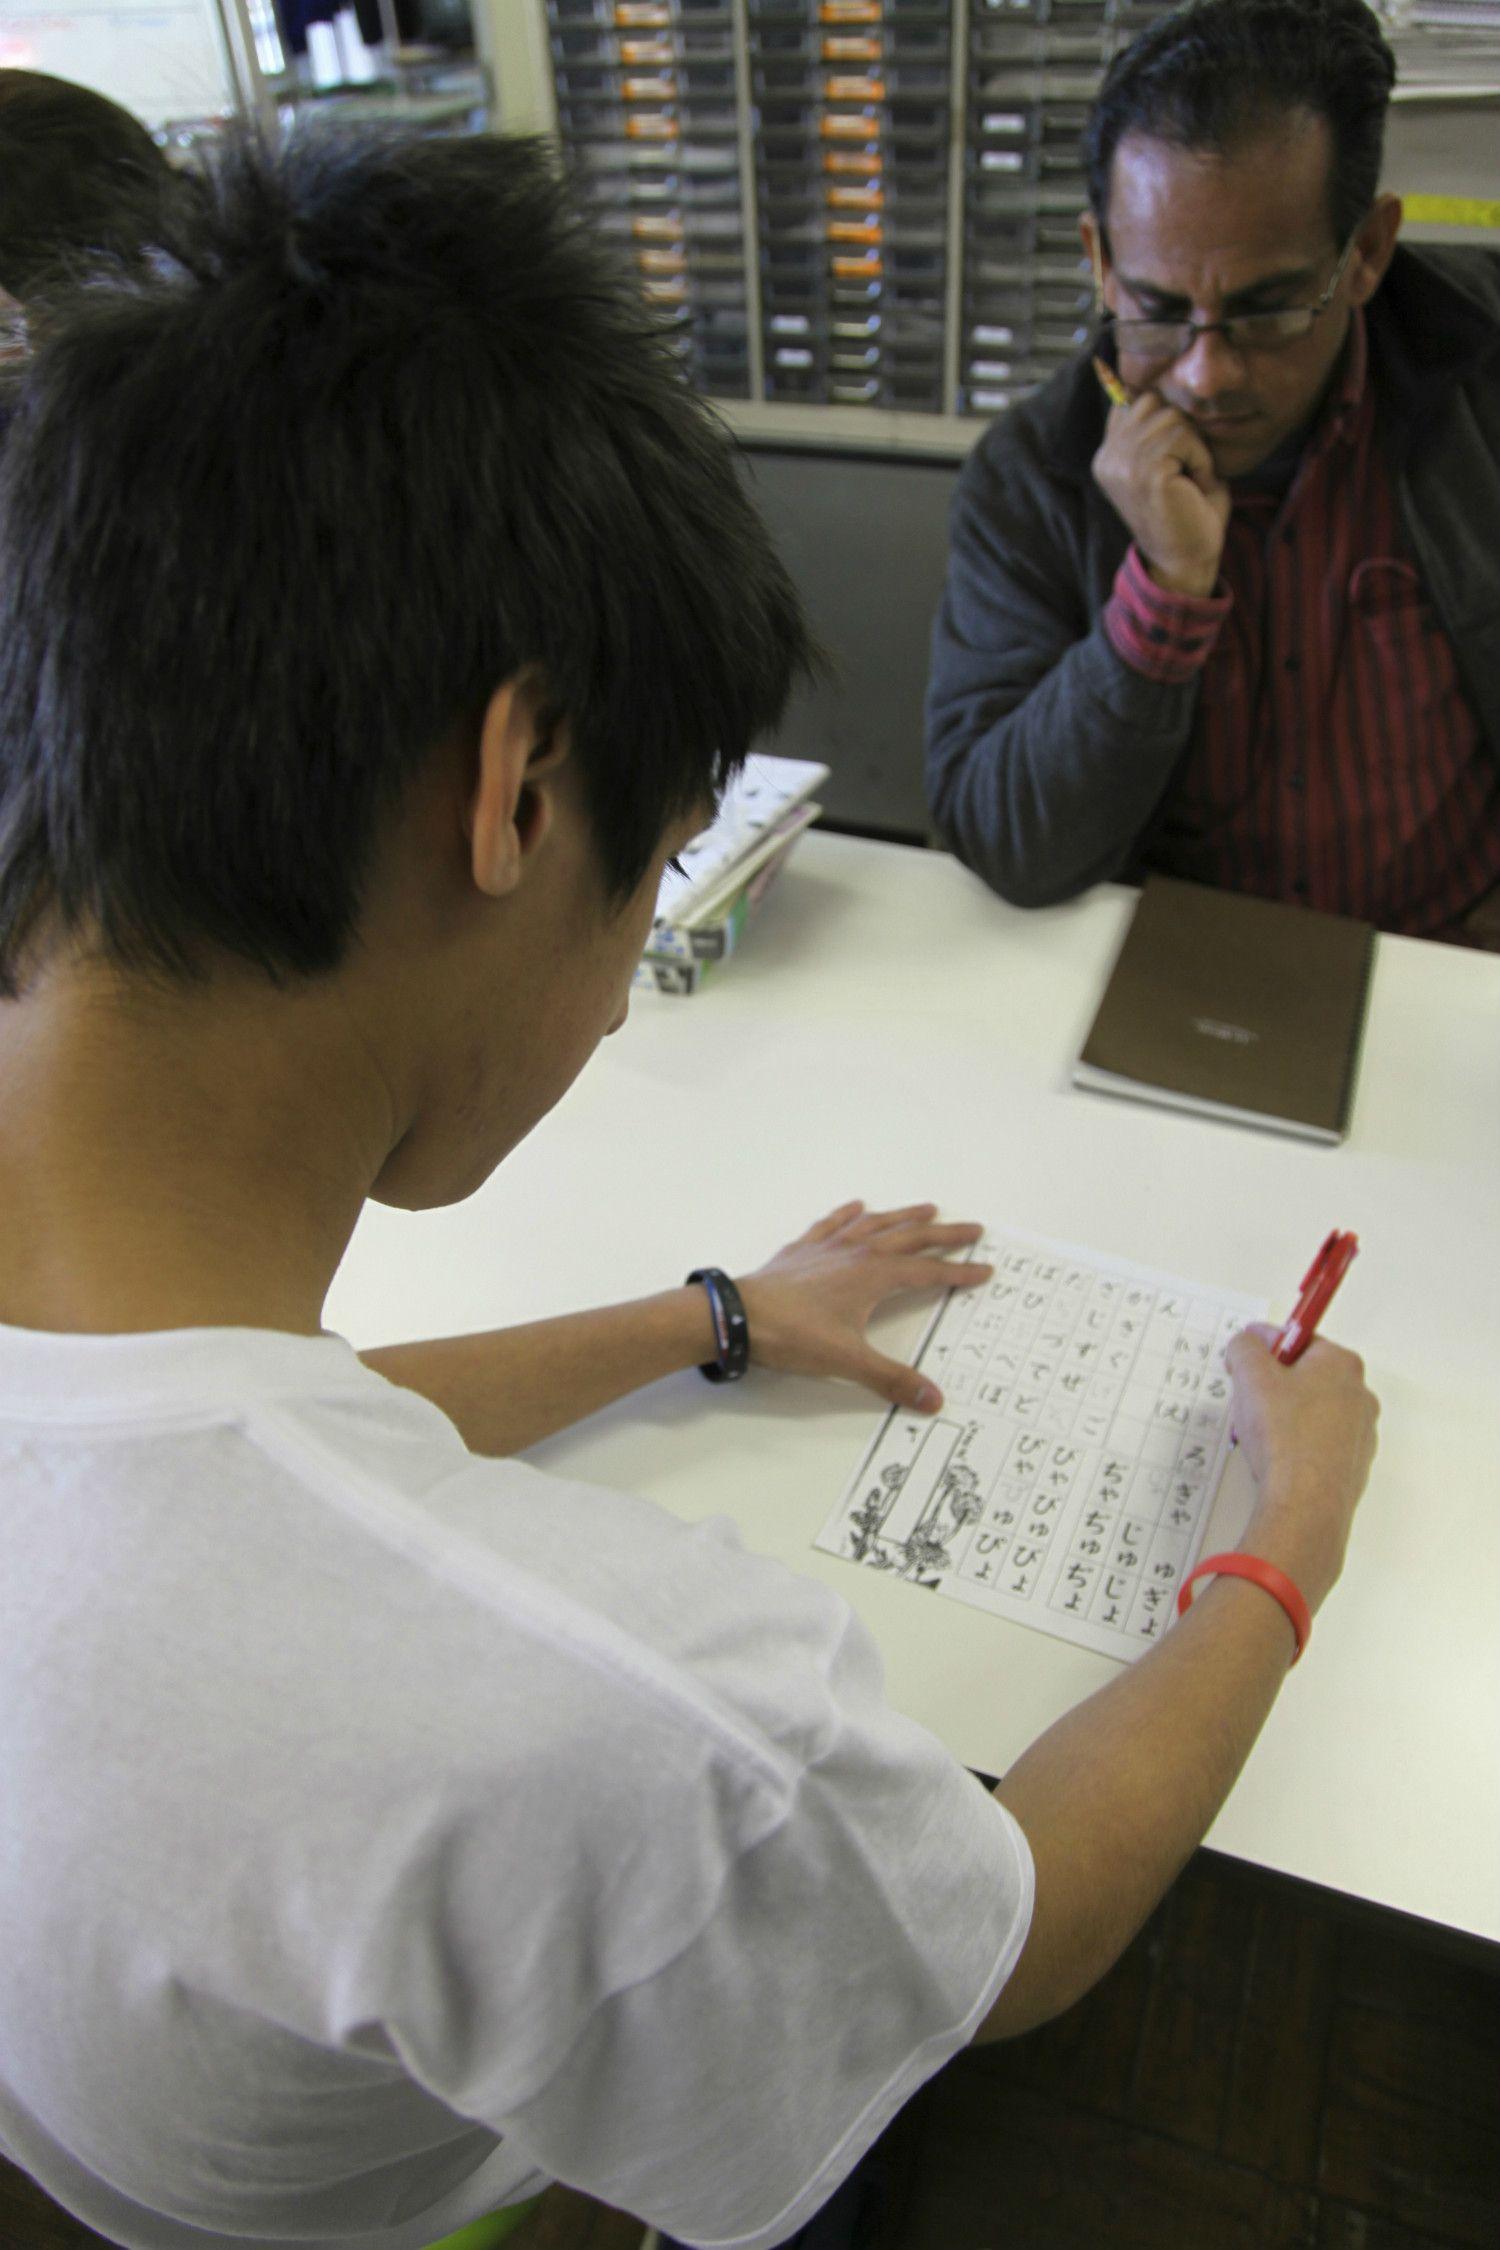 日本語を学ぶ外国人労働者 ©getty